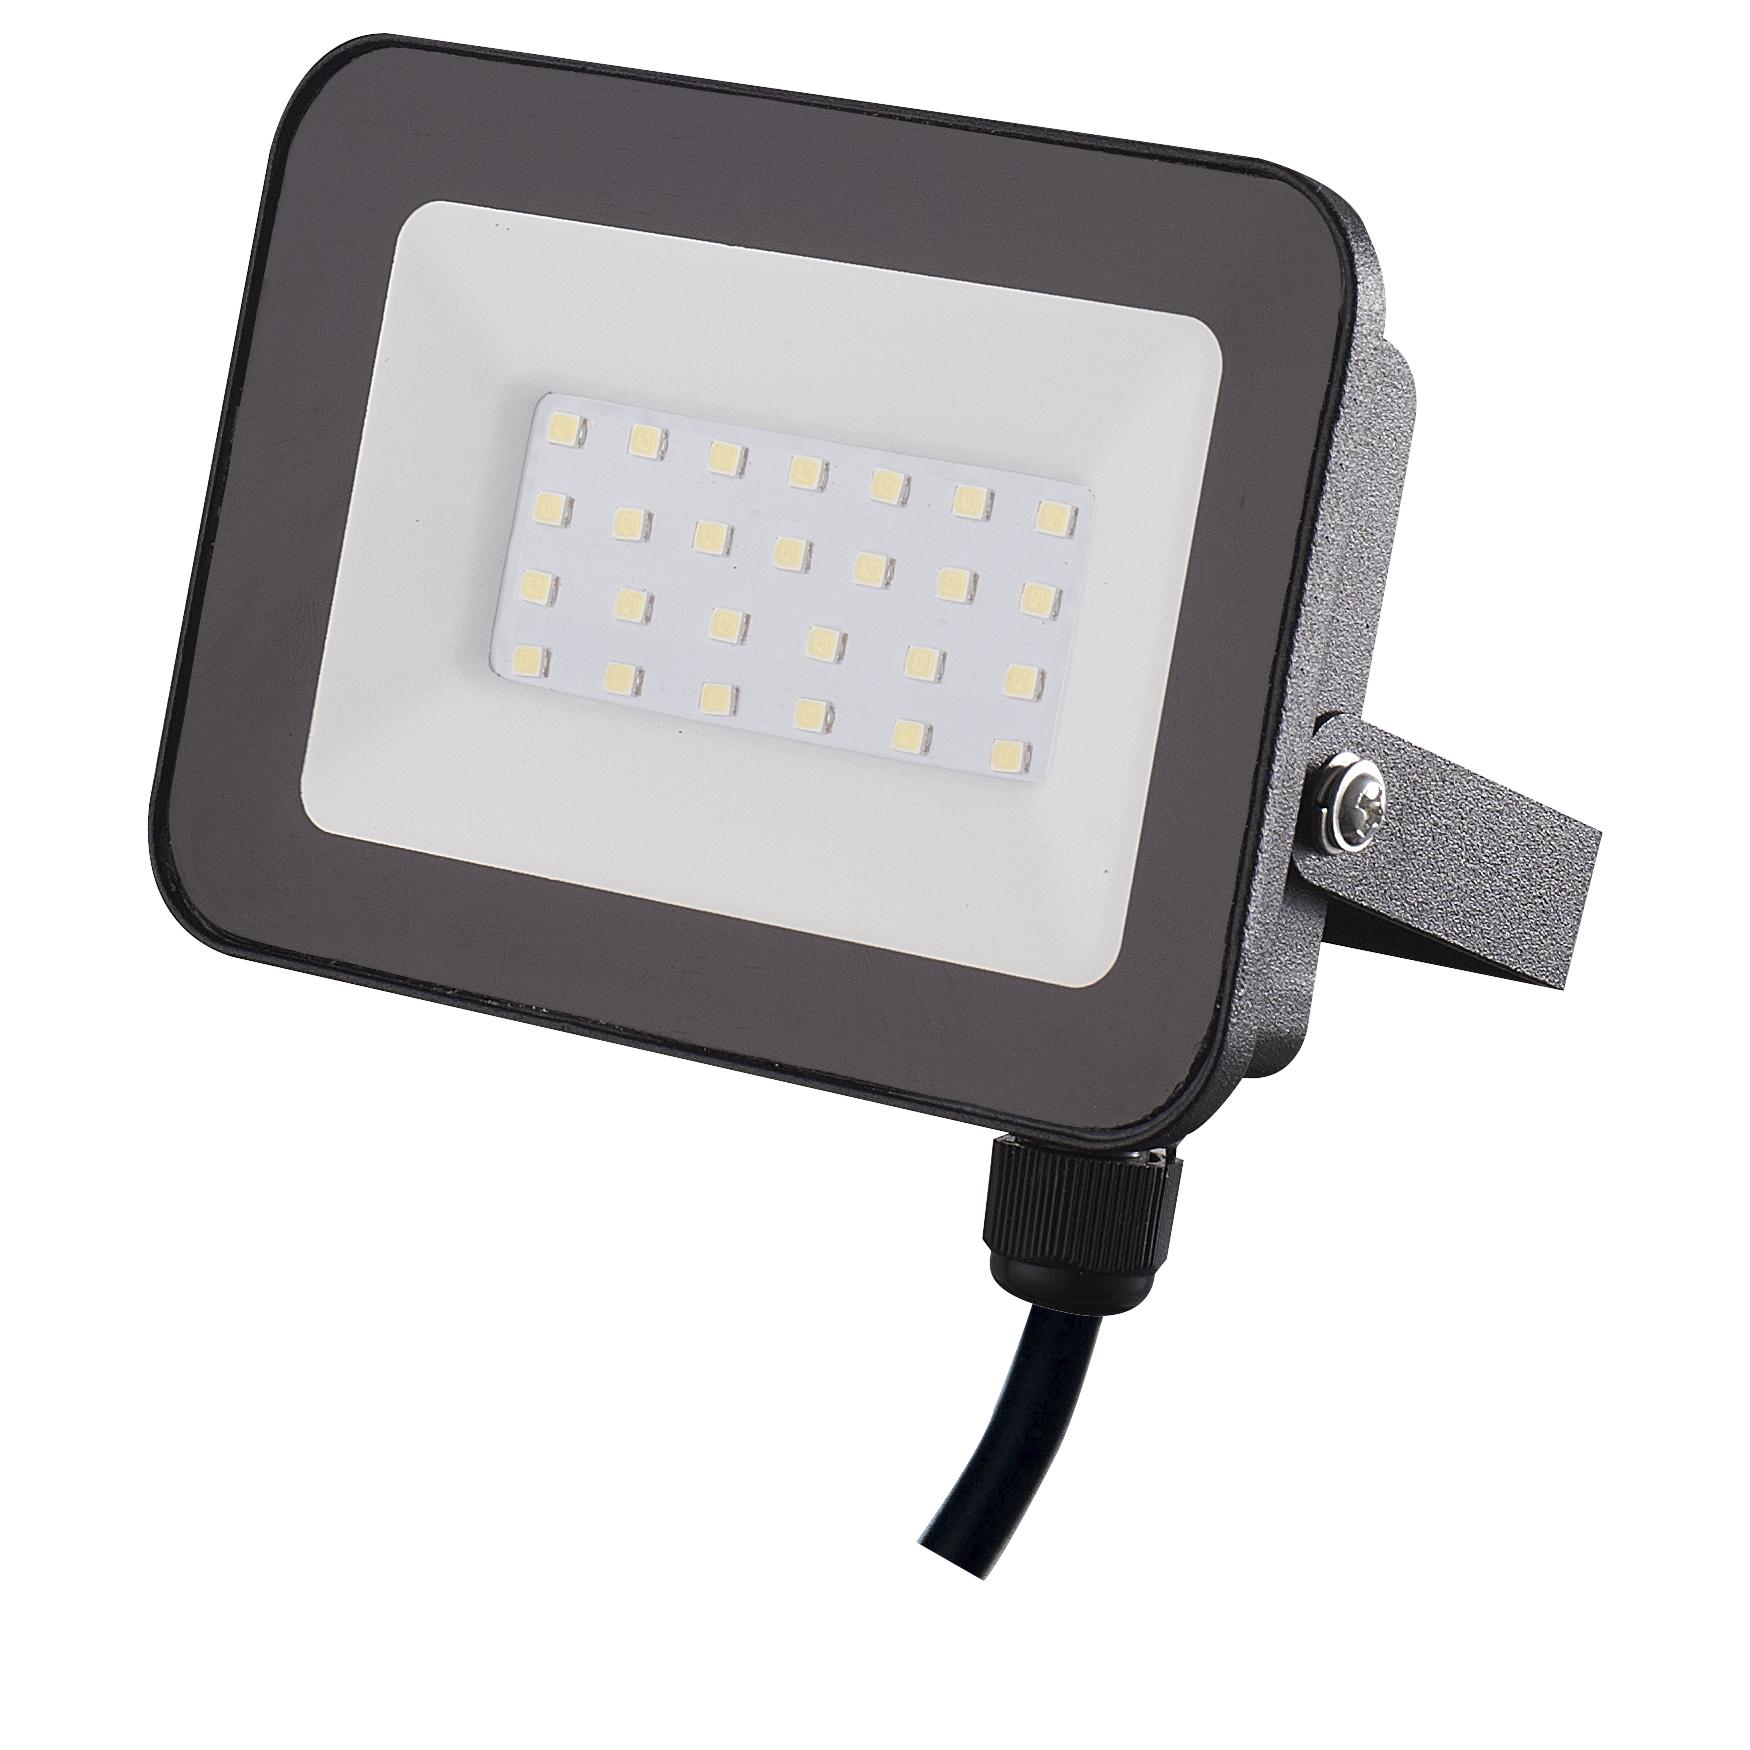 Greenlux LED reflektor DAISY LED SMD 20W studená bílá (GXDS112)